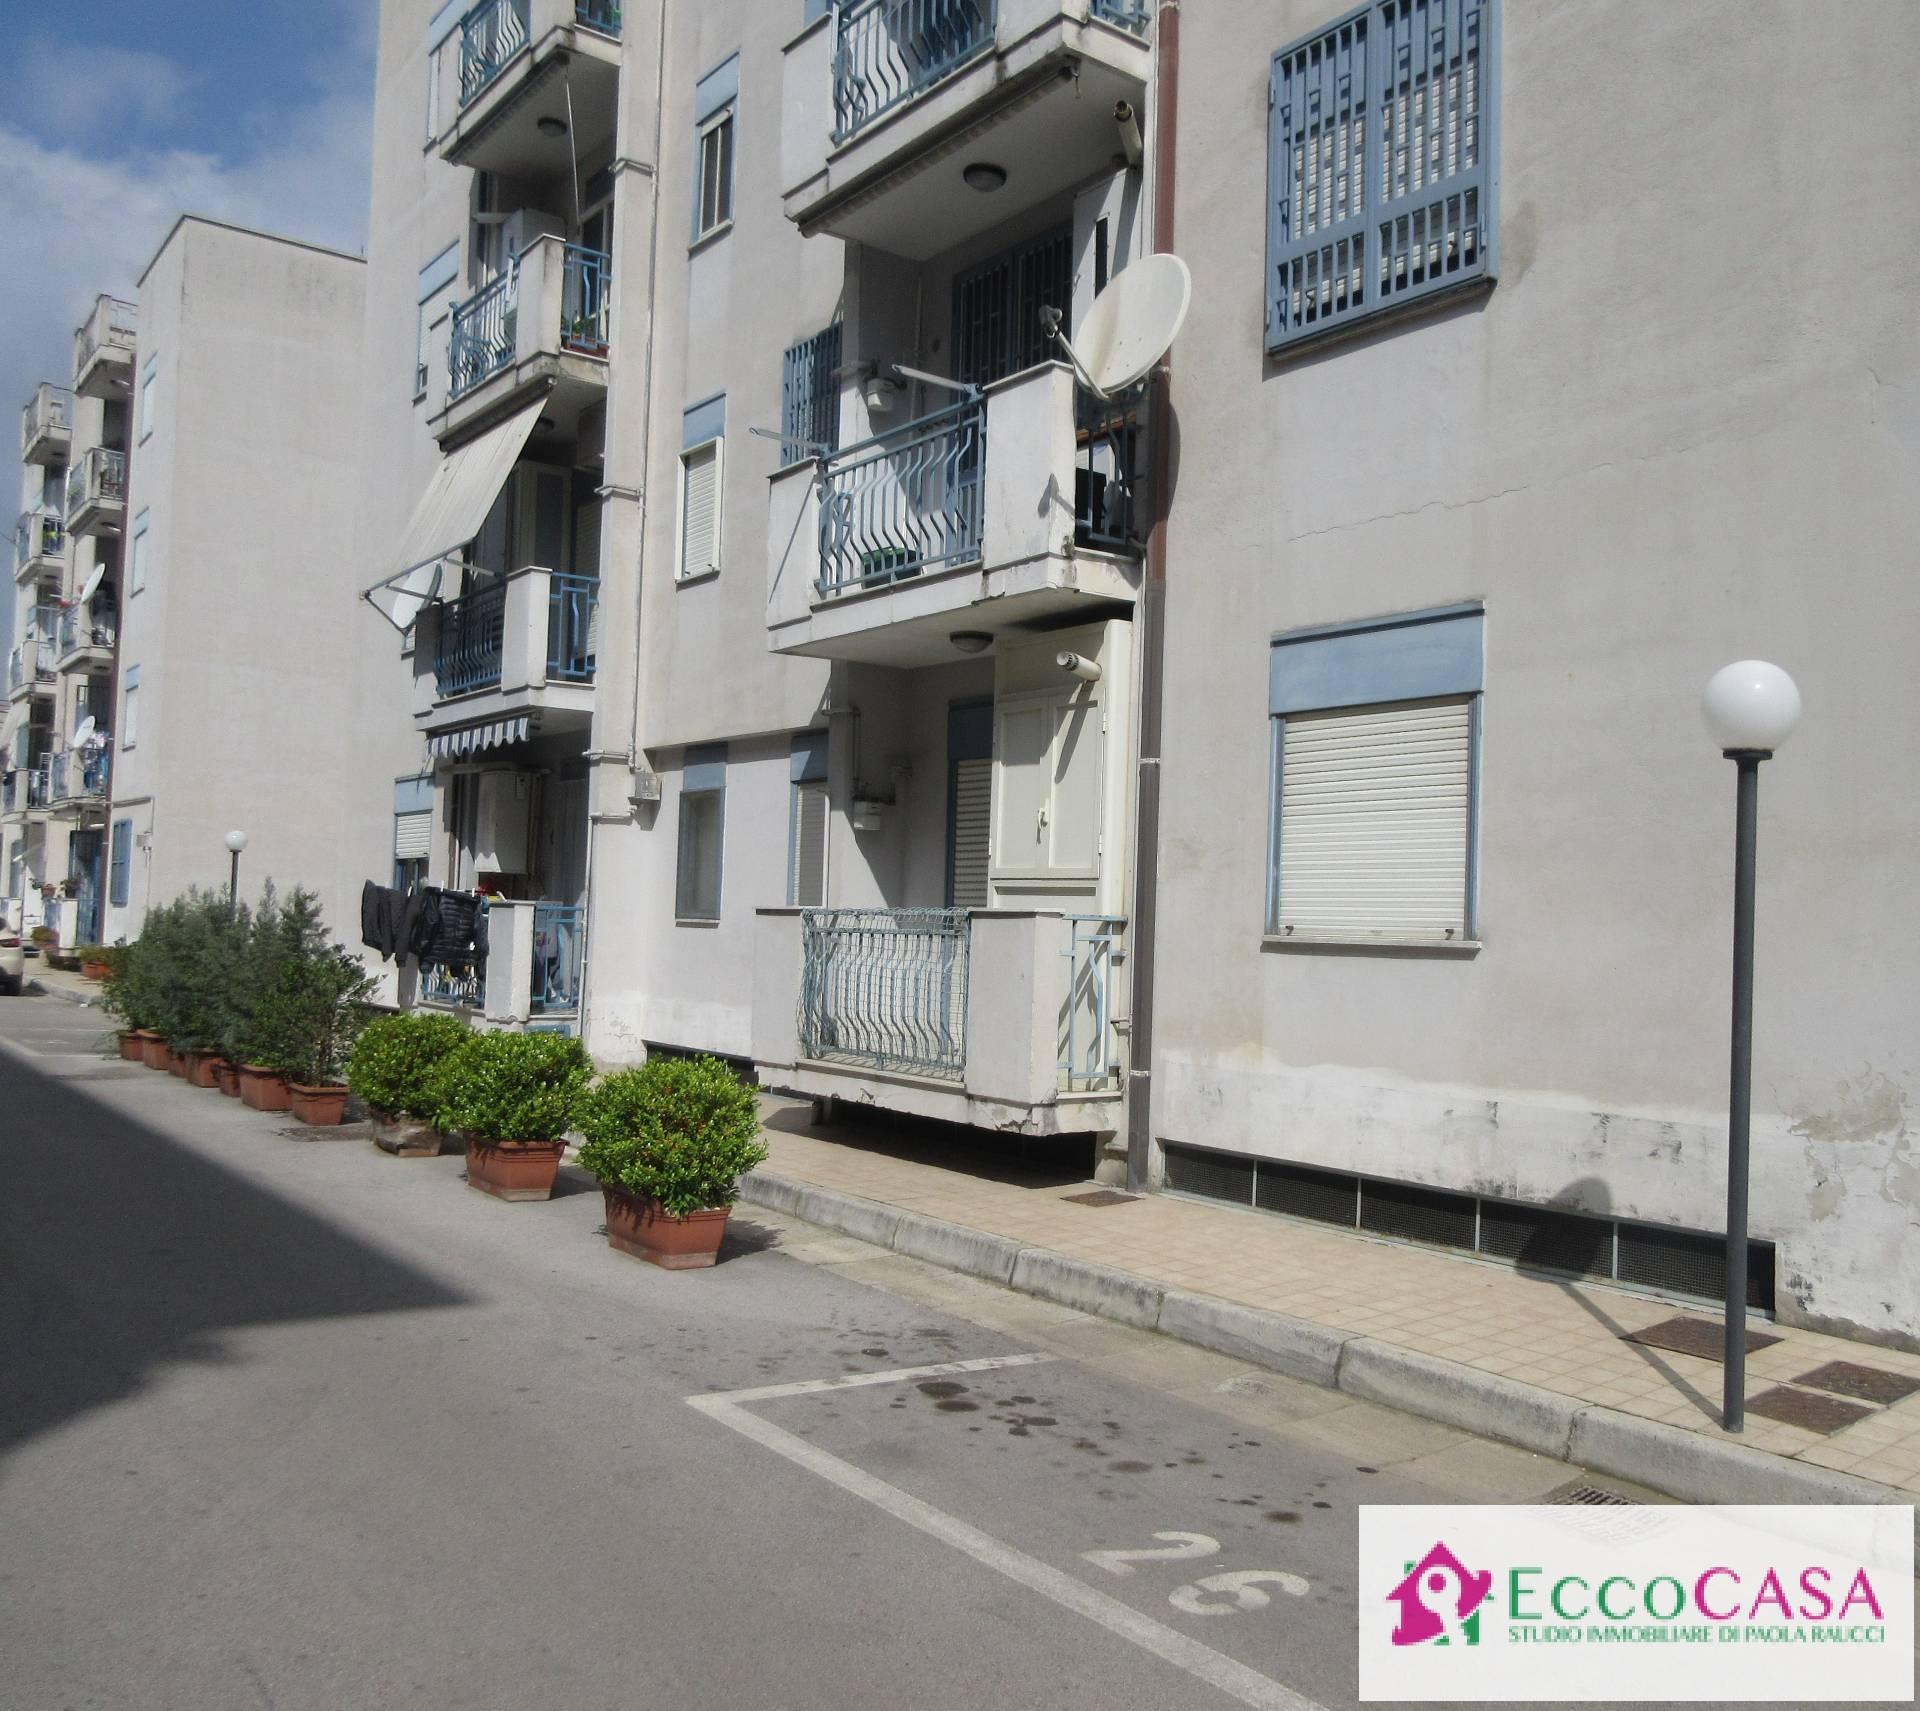 Appartamento in vendita a Maddaloni, 4 locali, prezzo € 105.000   Cambio Casa.it